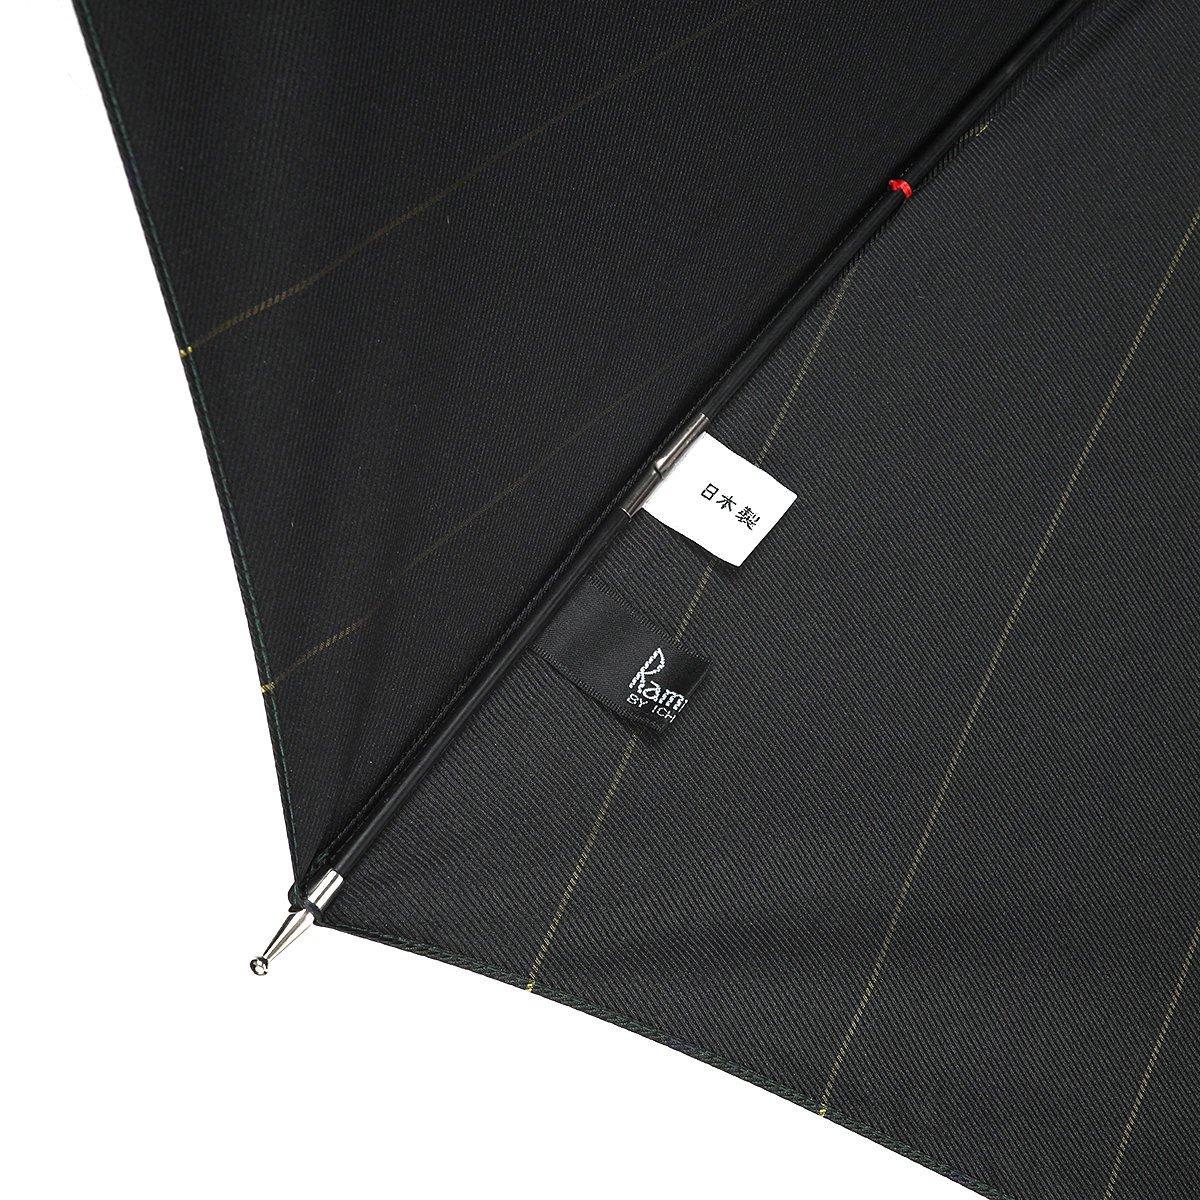 【セール】グリーン ストライプ 長傘 詳細画像6